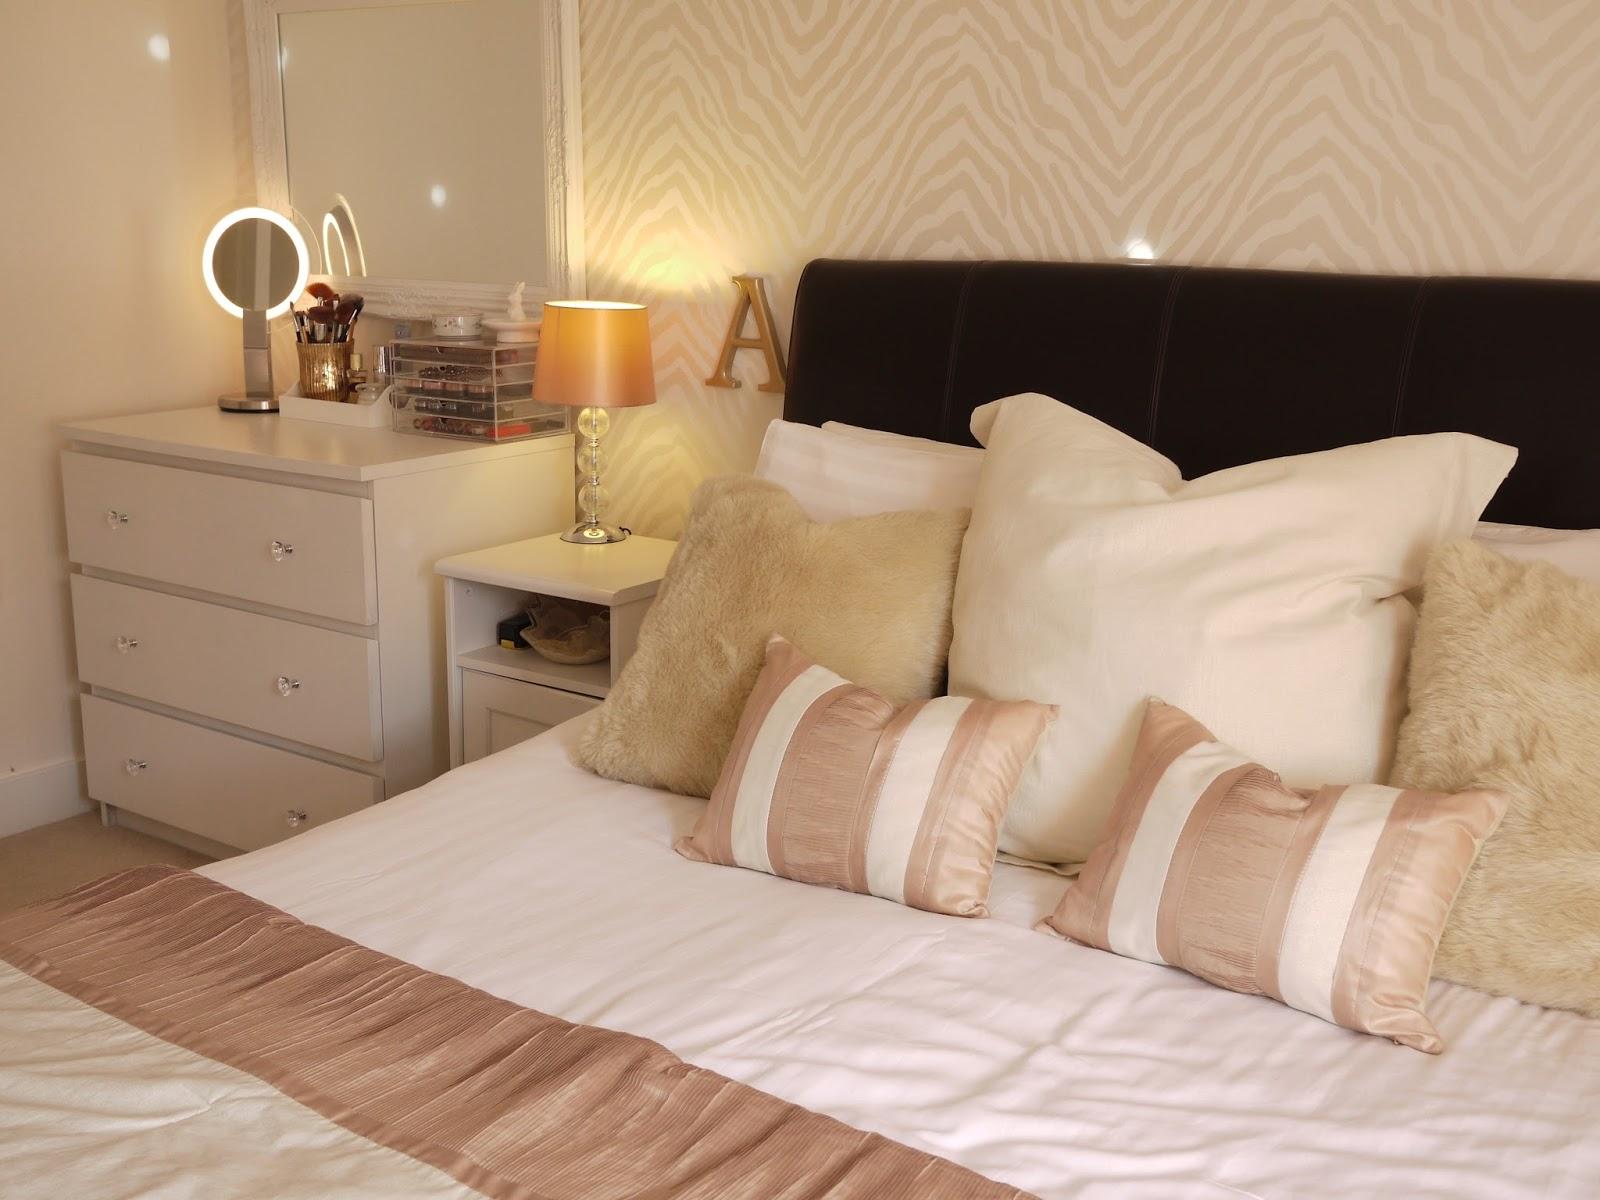 Laura Ashley Wallpaper Bedroom Bedroom Decor Reveal Bella Coco By Sarah Jayne